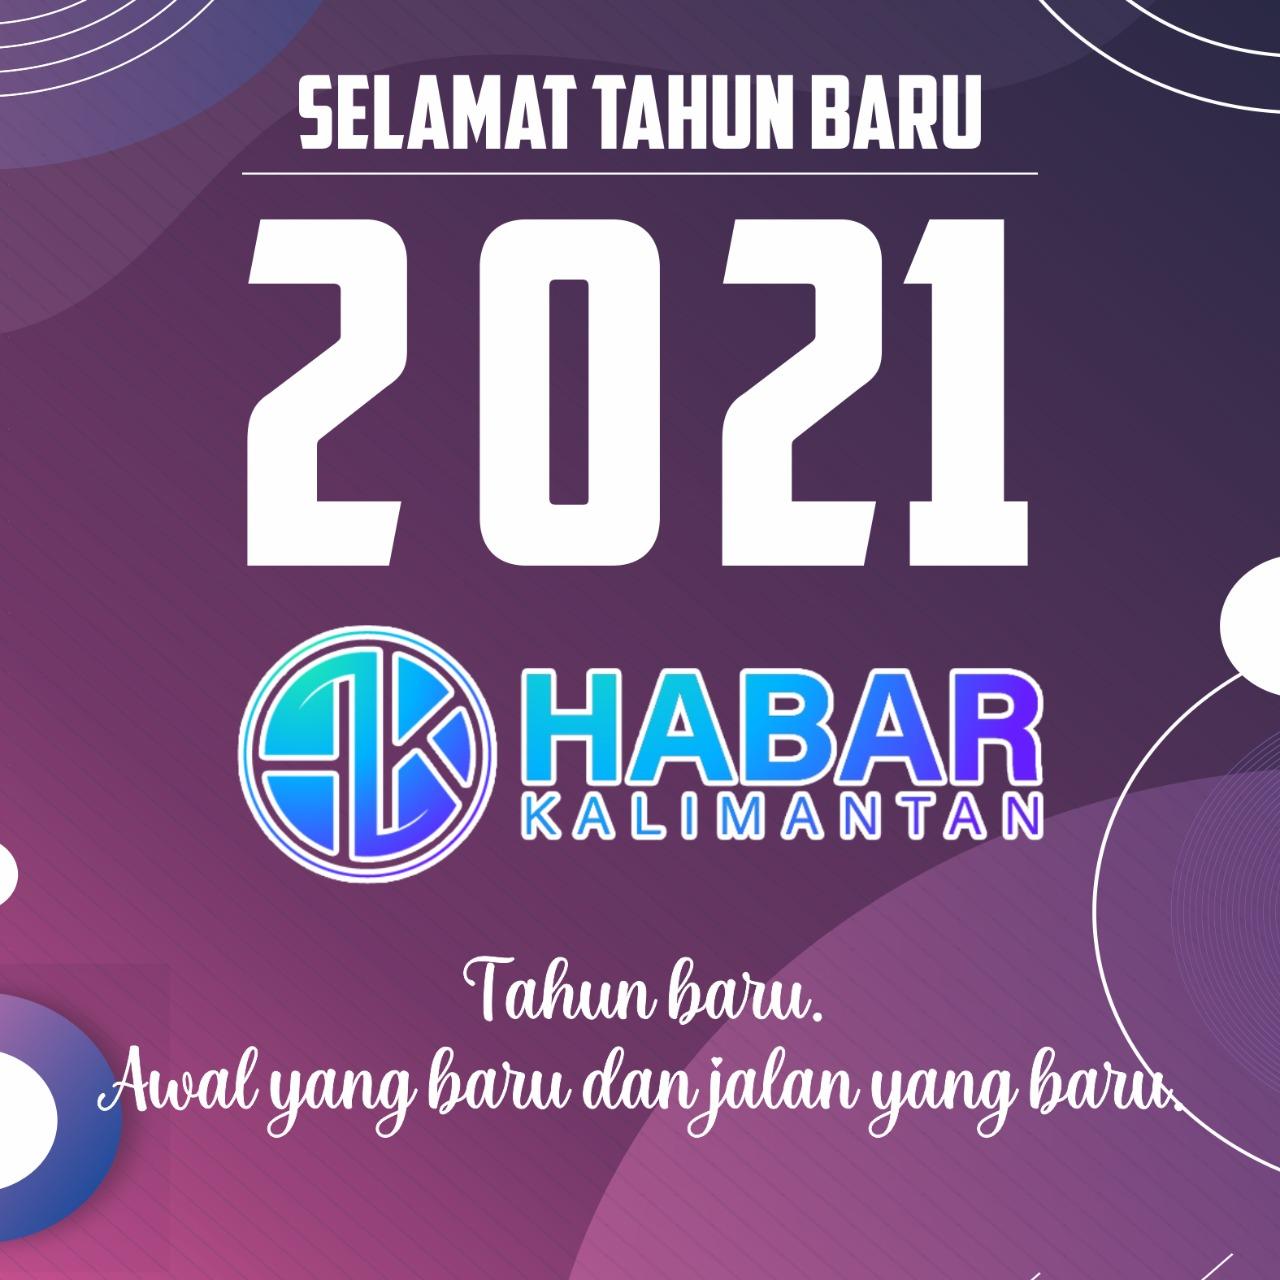 IMG 20201231 WA0008